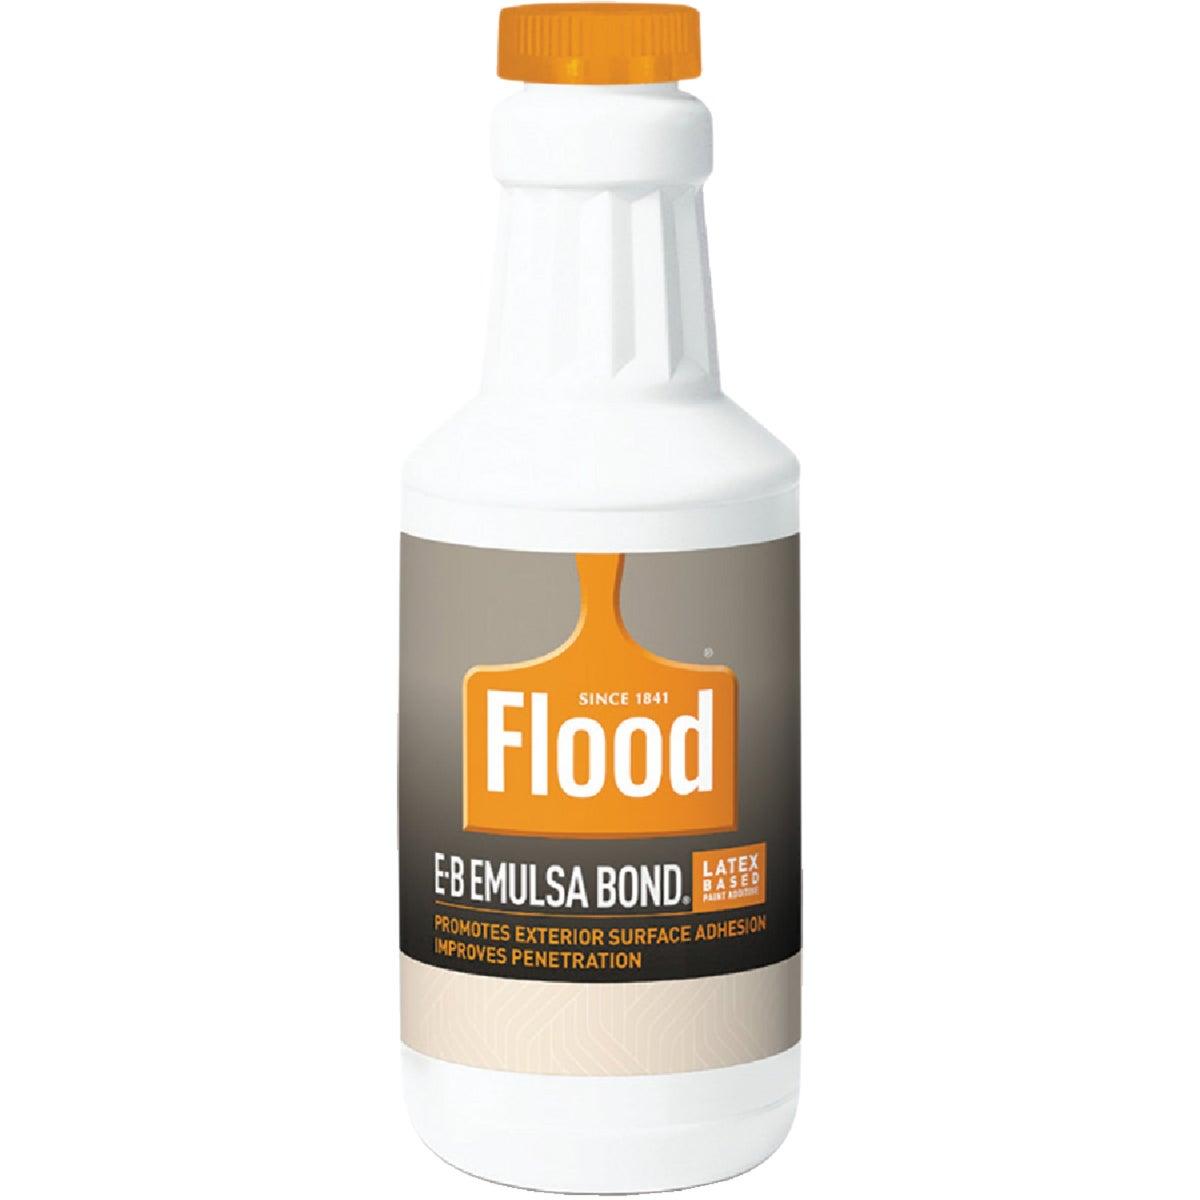 Flood E B Emulsa Bond Stir In Bonding Primer Fld41 04